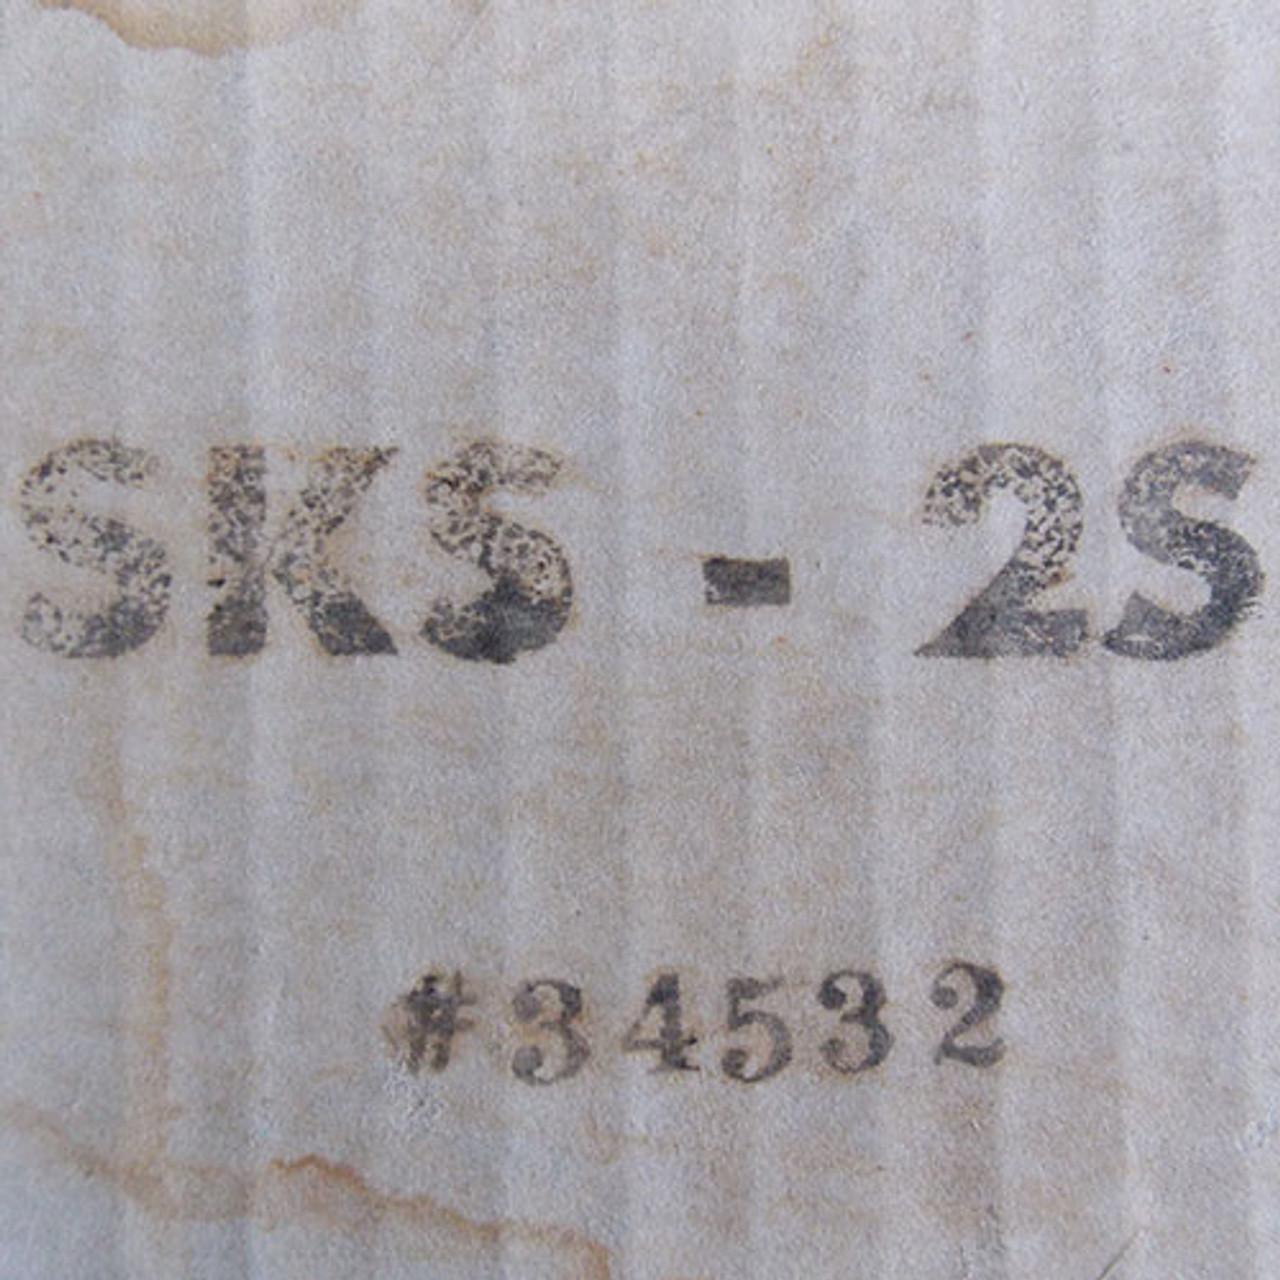 Hoffman SKS-2S Flush Mount Security Switch w/ Keys Nema 12 - New